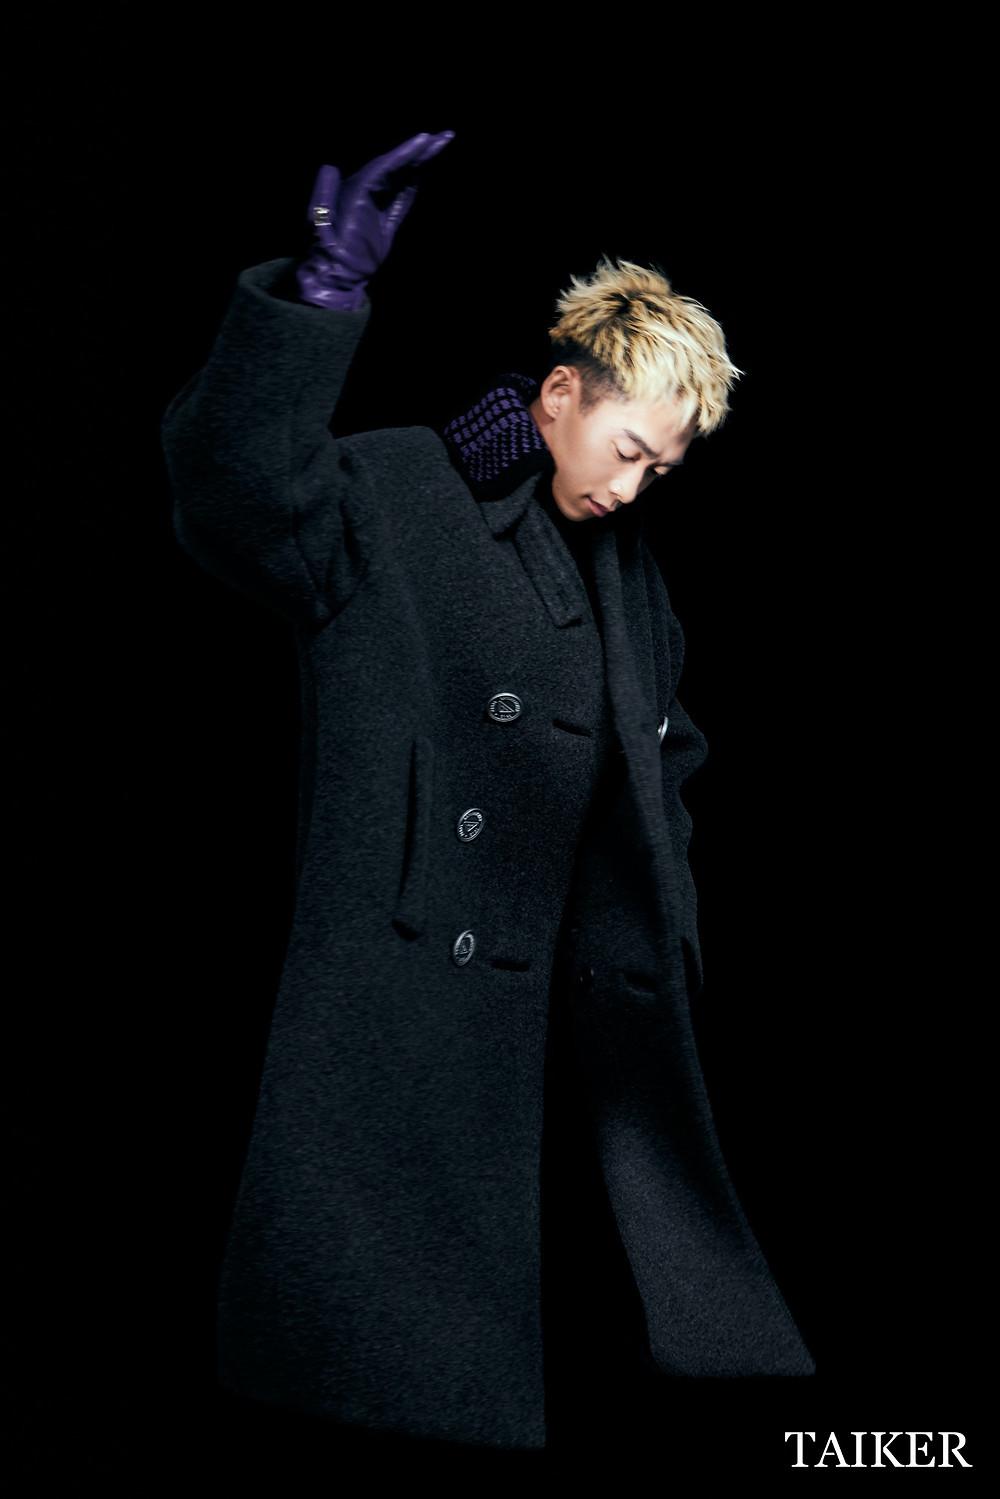 三角標誌雙排扣大衣、幾何連身內搭、深紫色皮革手套 by Prada